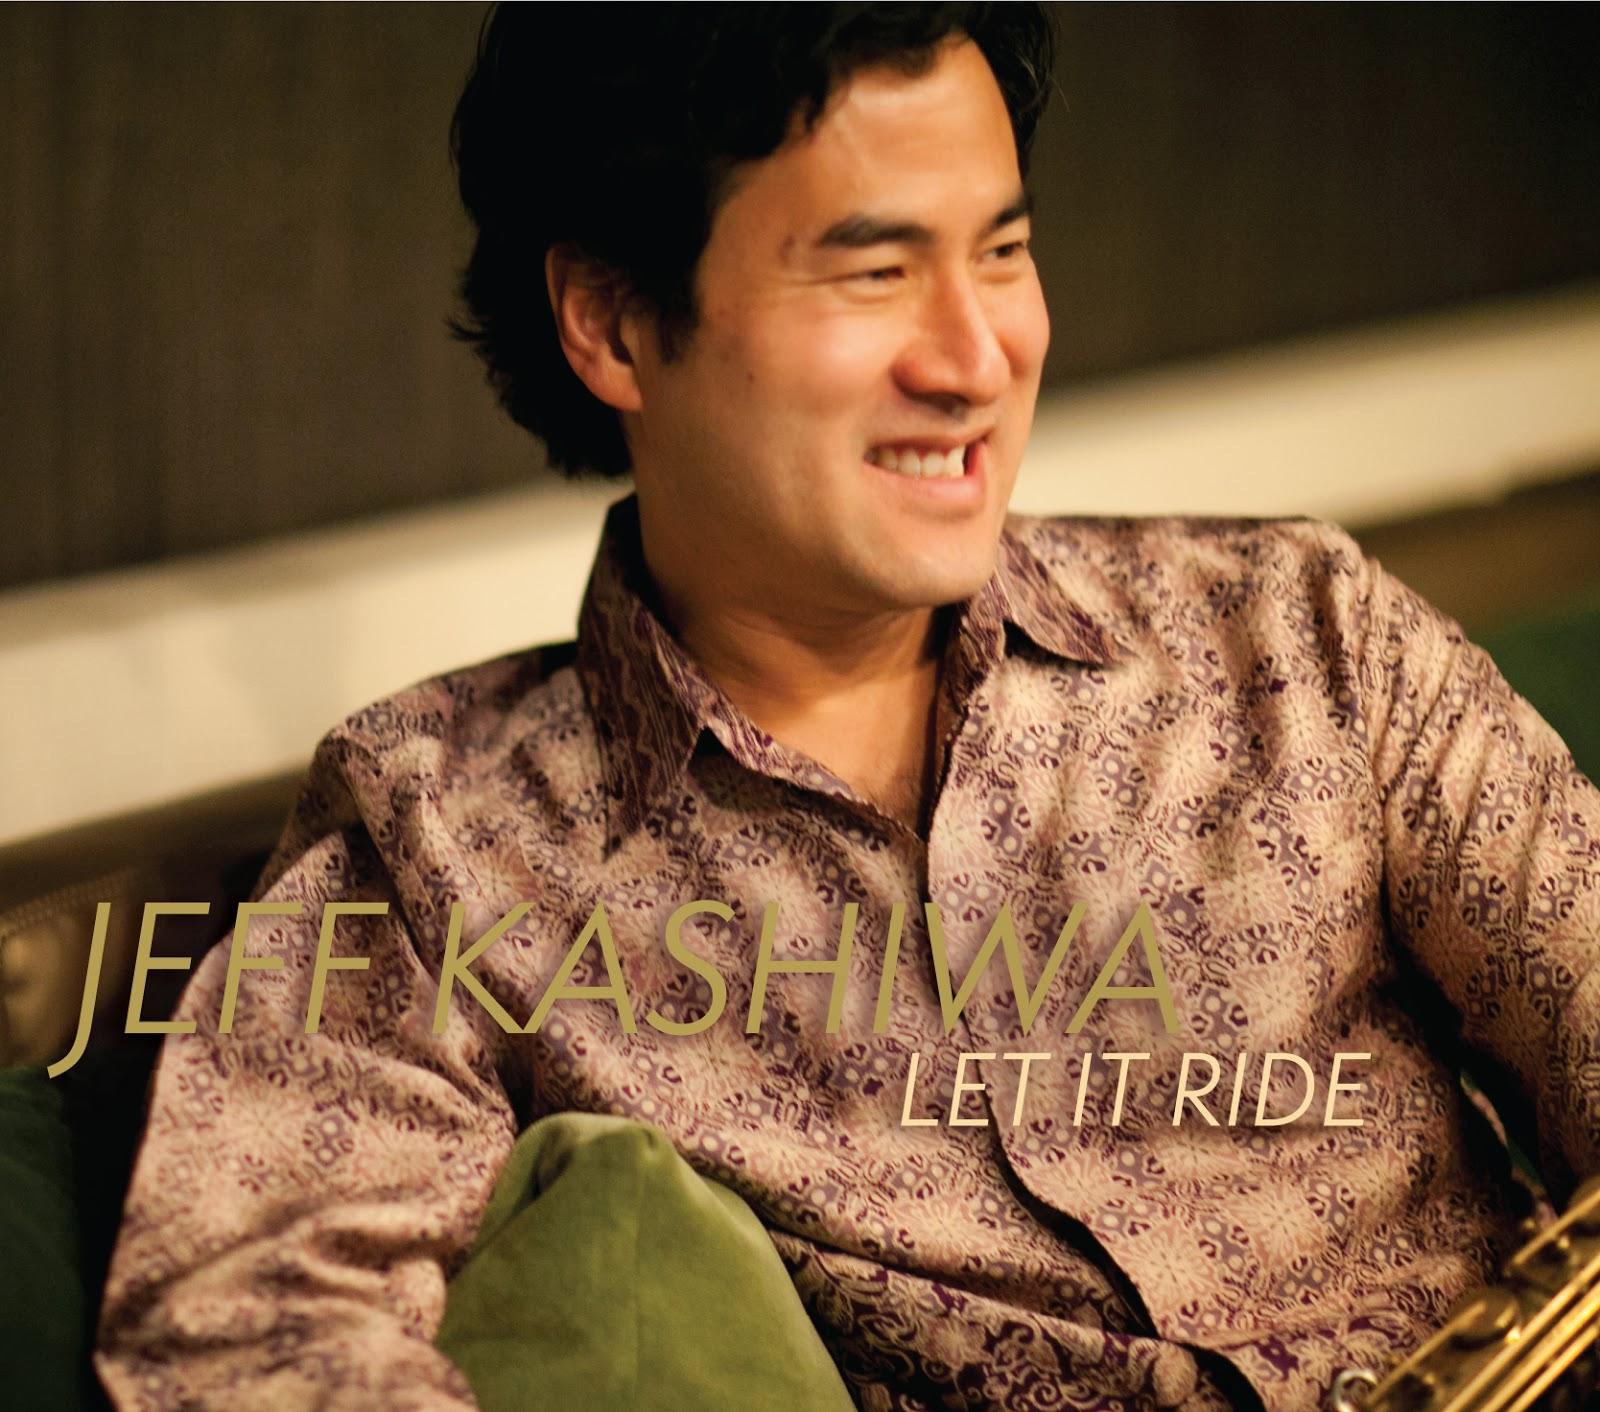 2012 Jeff Kashiwa – Let It Ride